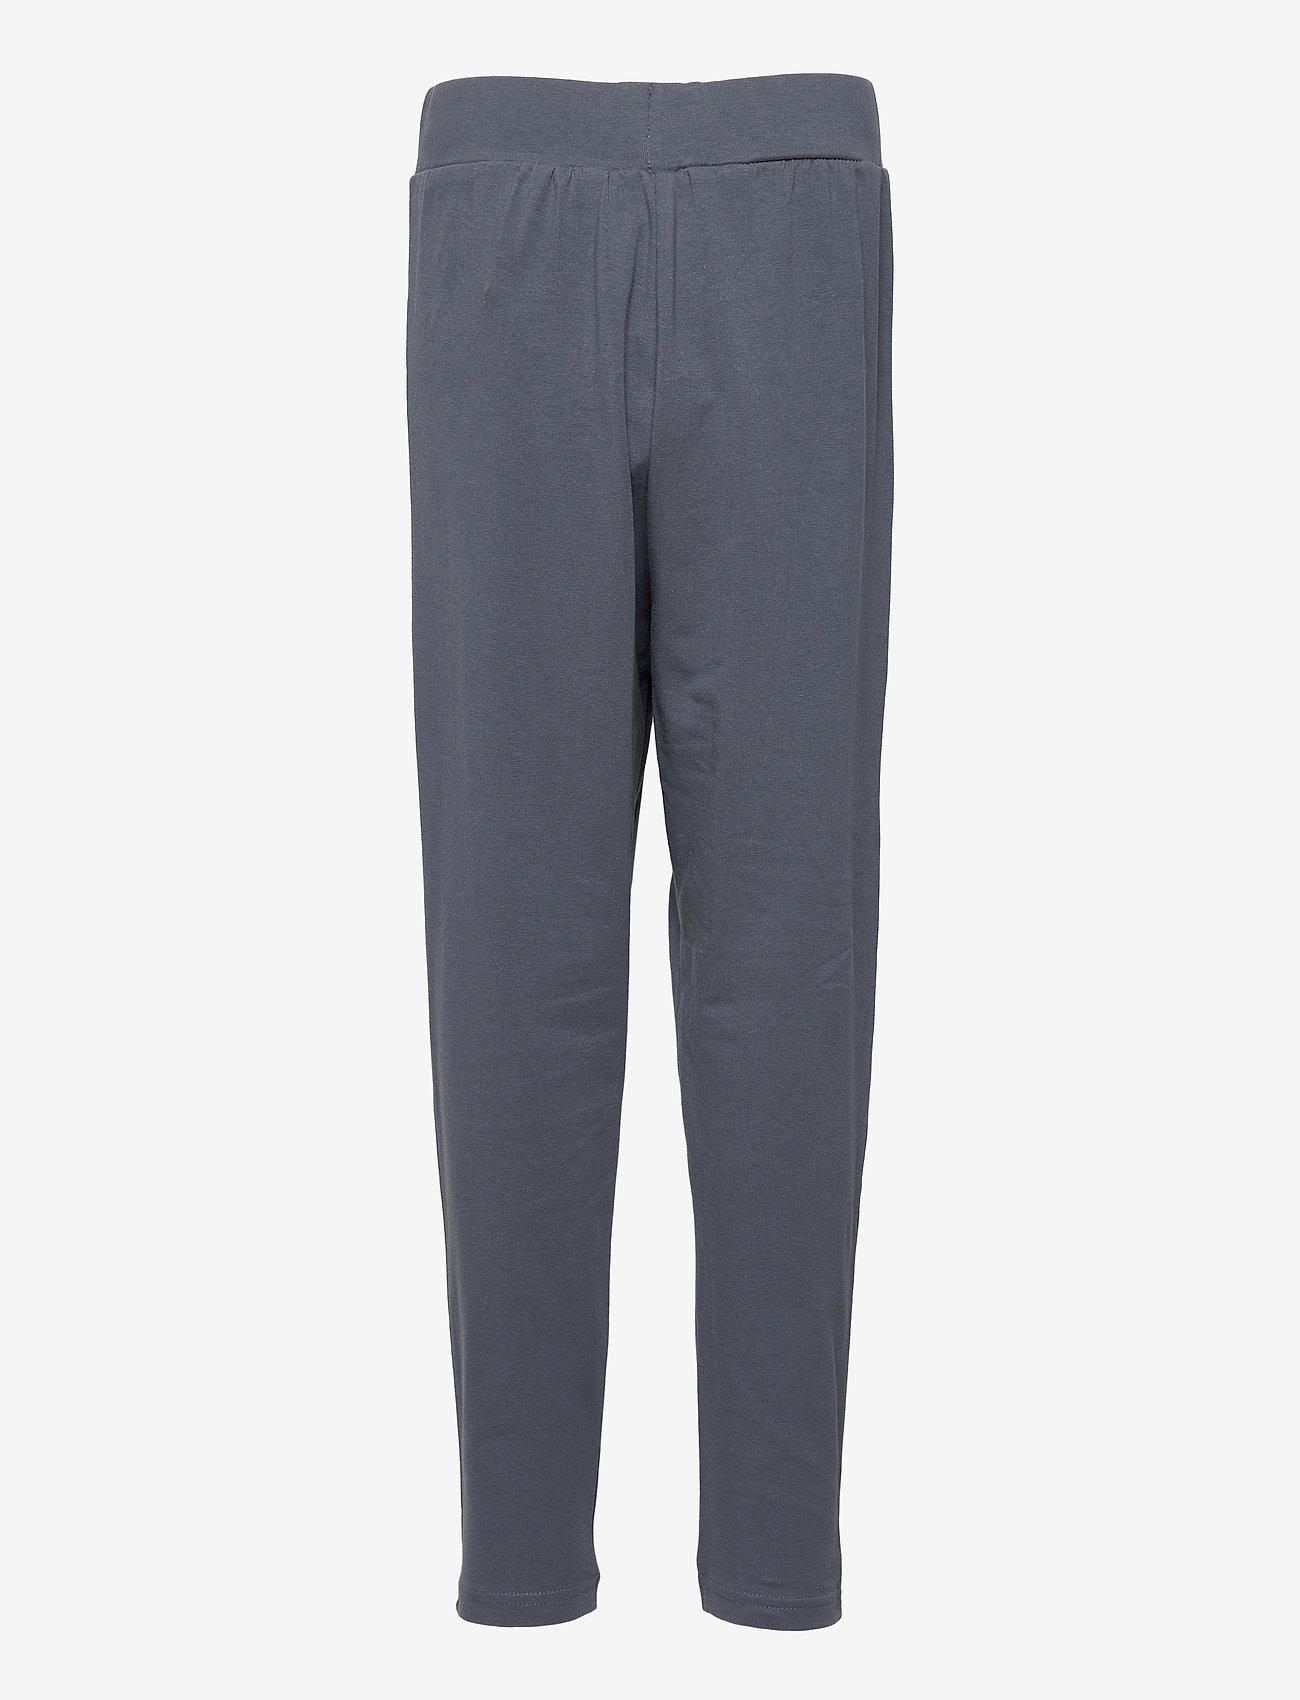 Hummel - hmlANDREA PANTS - trousers - ombre blue - 1